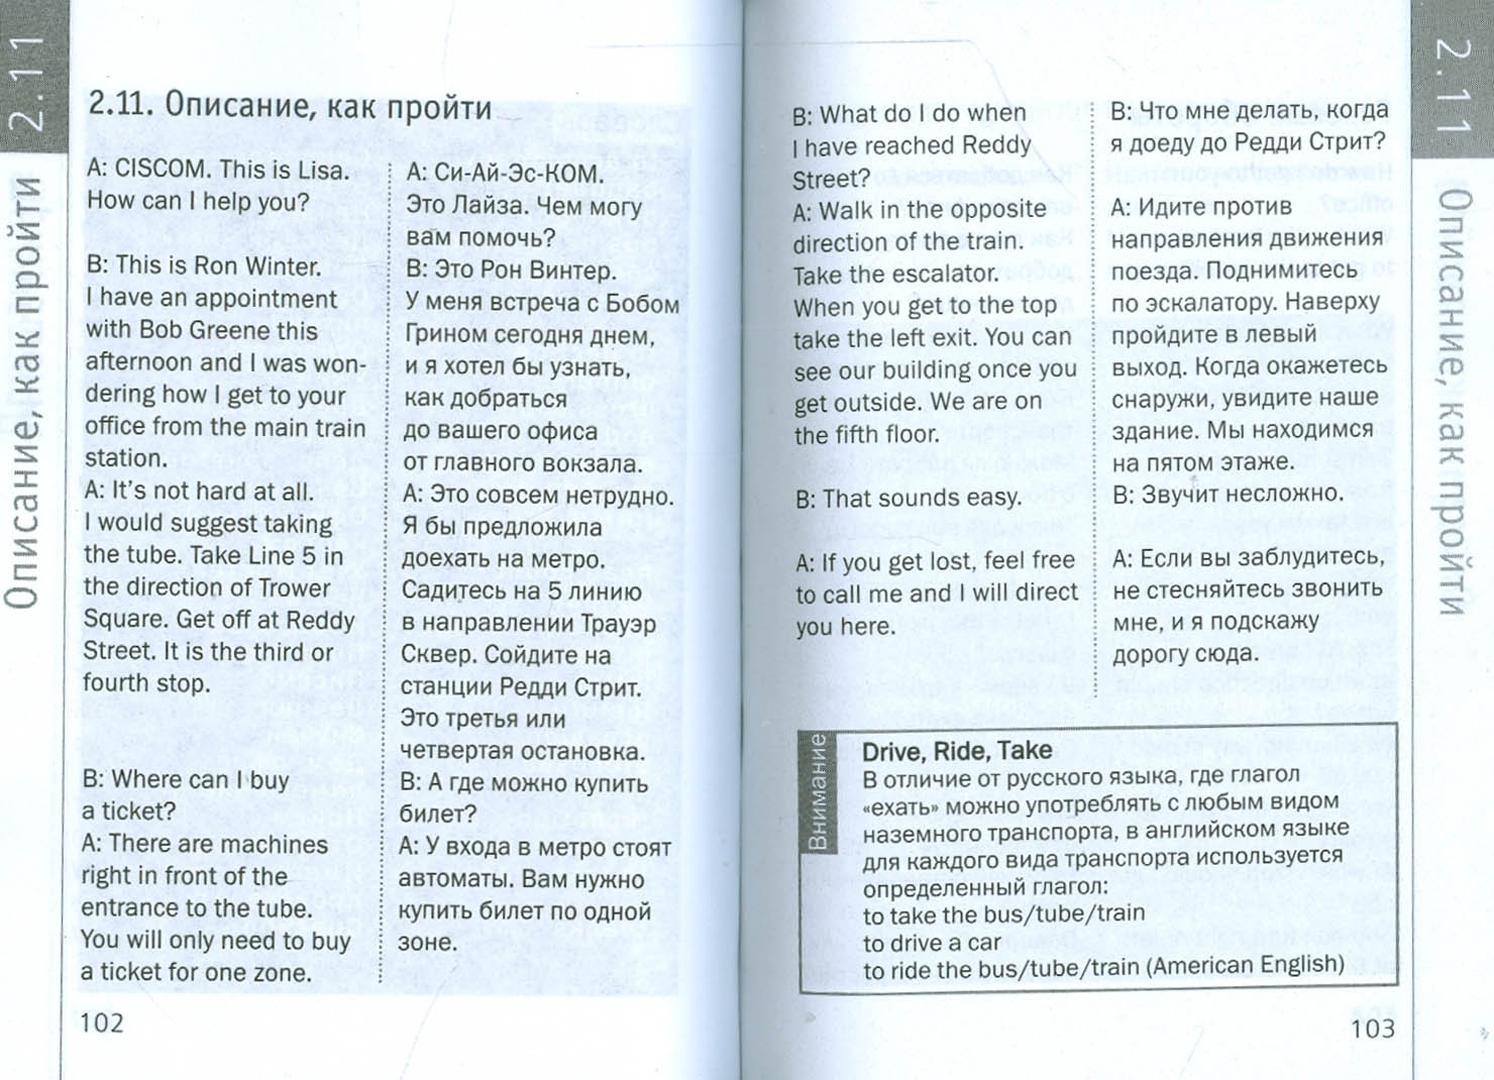 Иллюстрация 1 из 4 для Англо-русский телефонный разговорник | Лабиринт - книги. Источник: Лабиринт